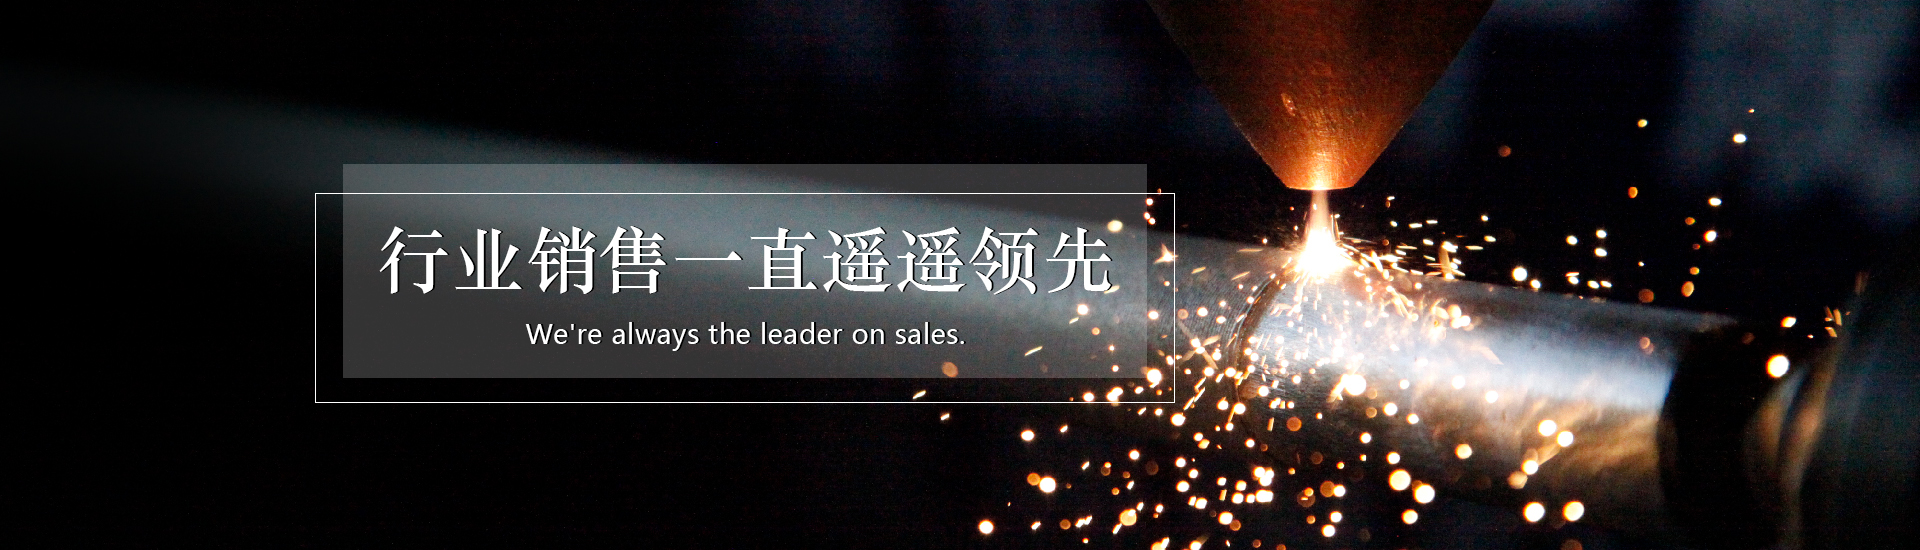 超高速激光熔覆设备 行业销售遥遥领先